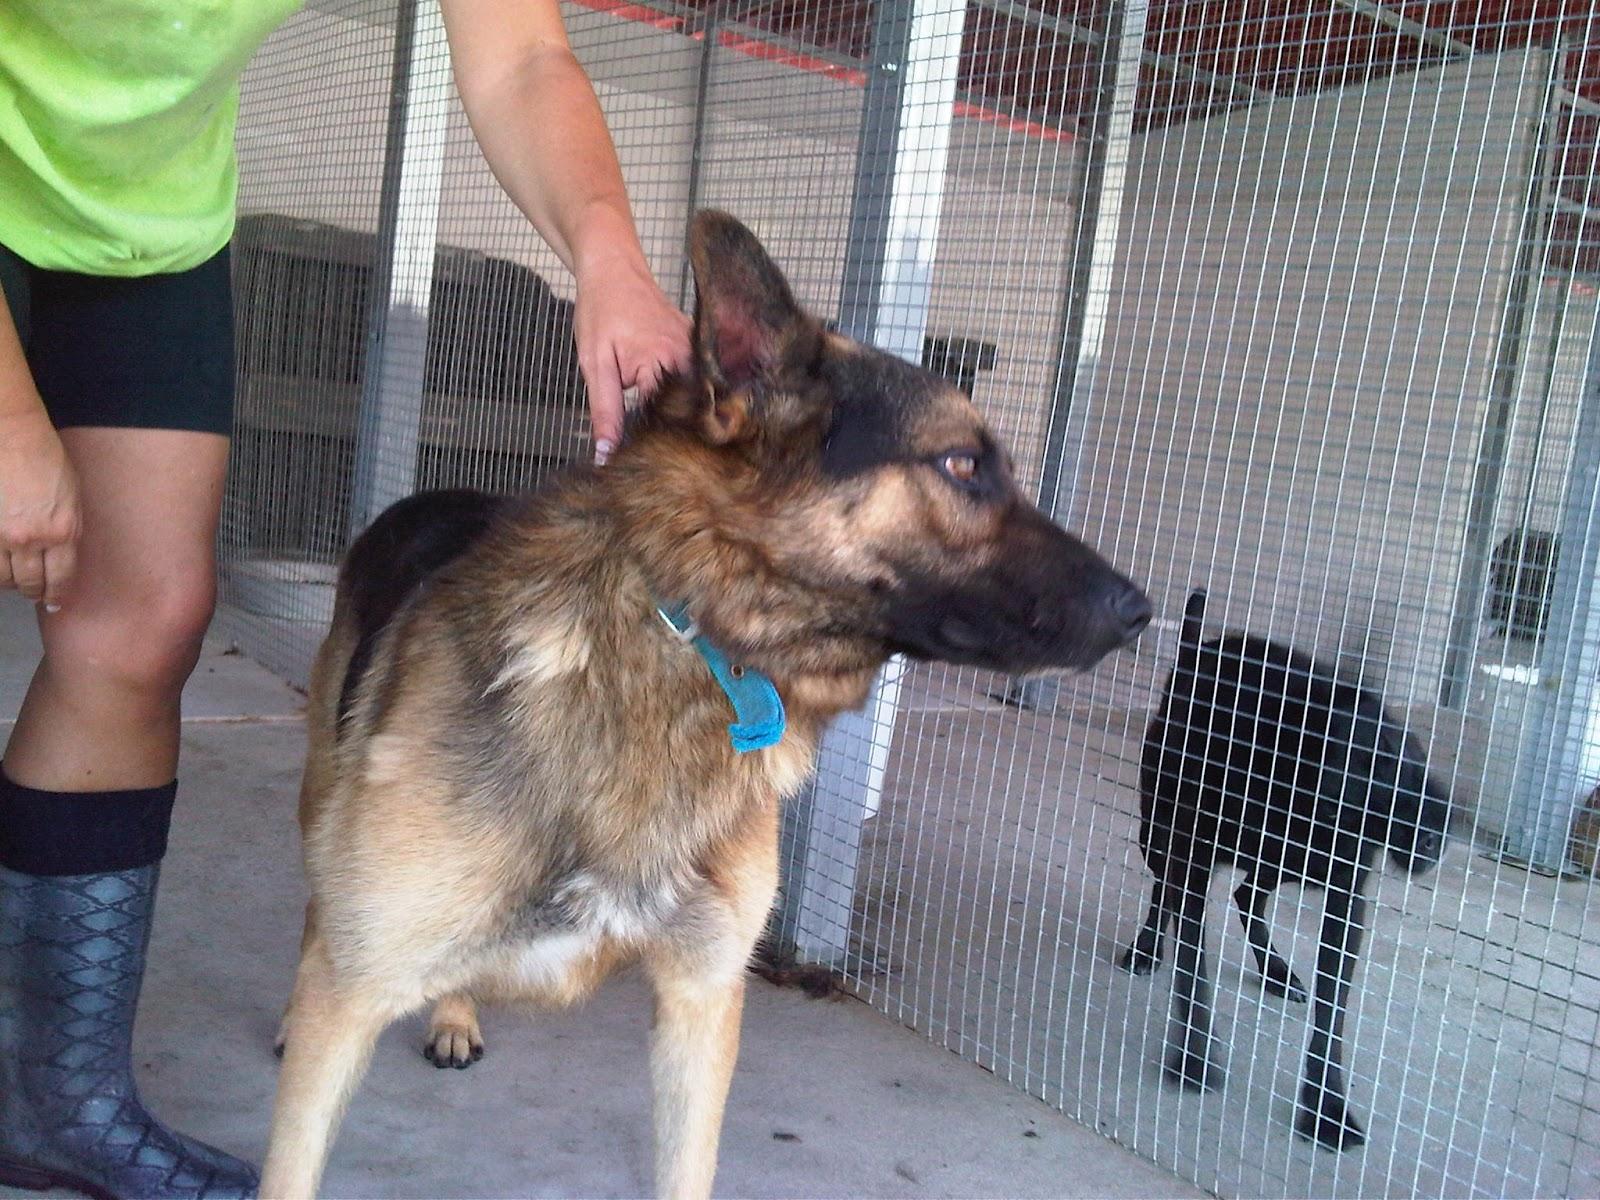 Associazione amici del cane di latina 9 settembre 2012 - Portare il cane al canile ...